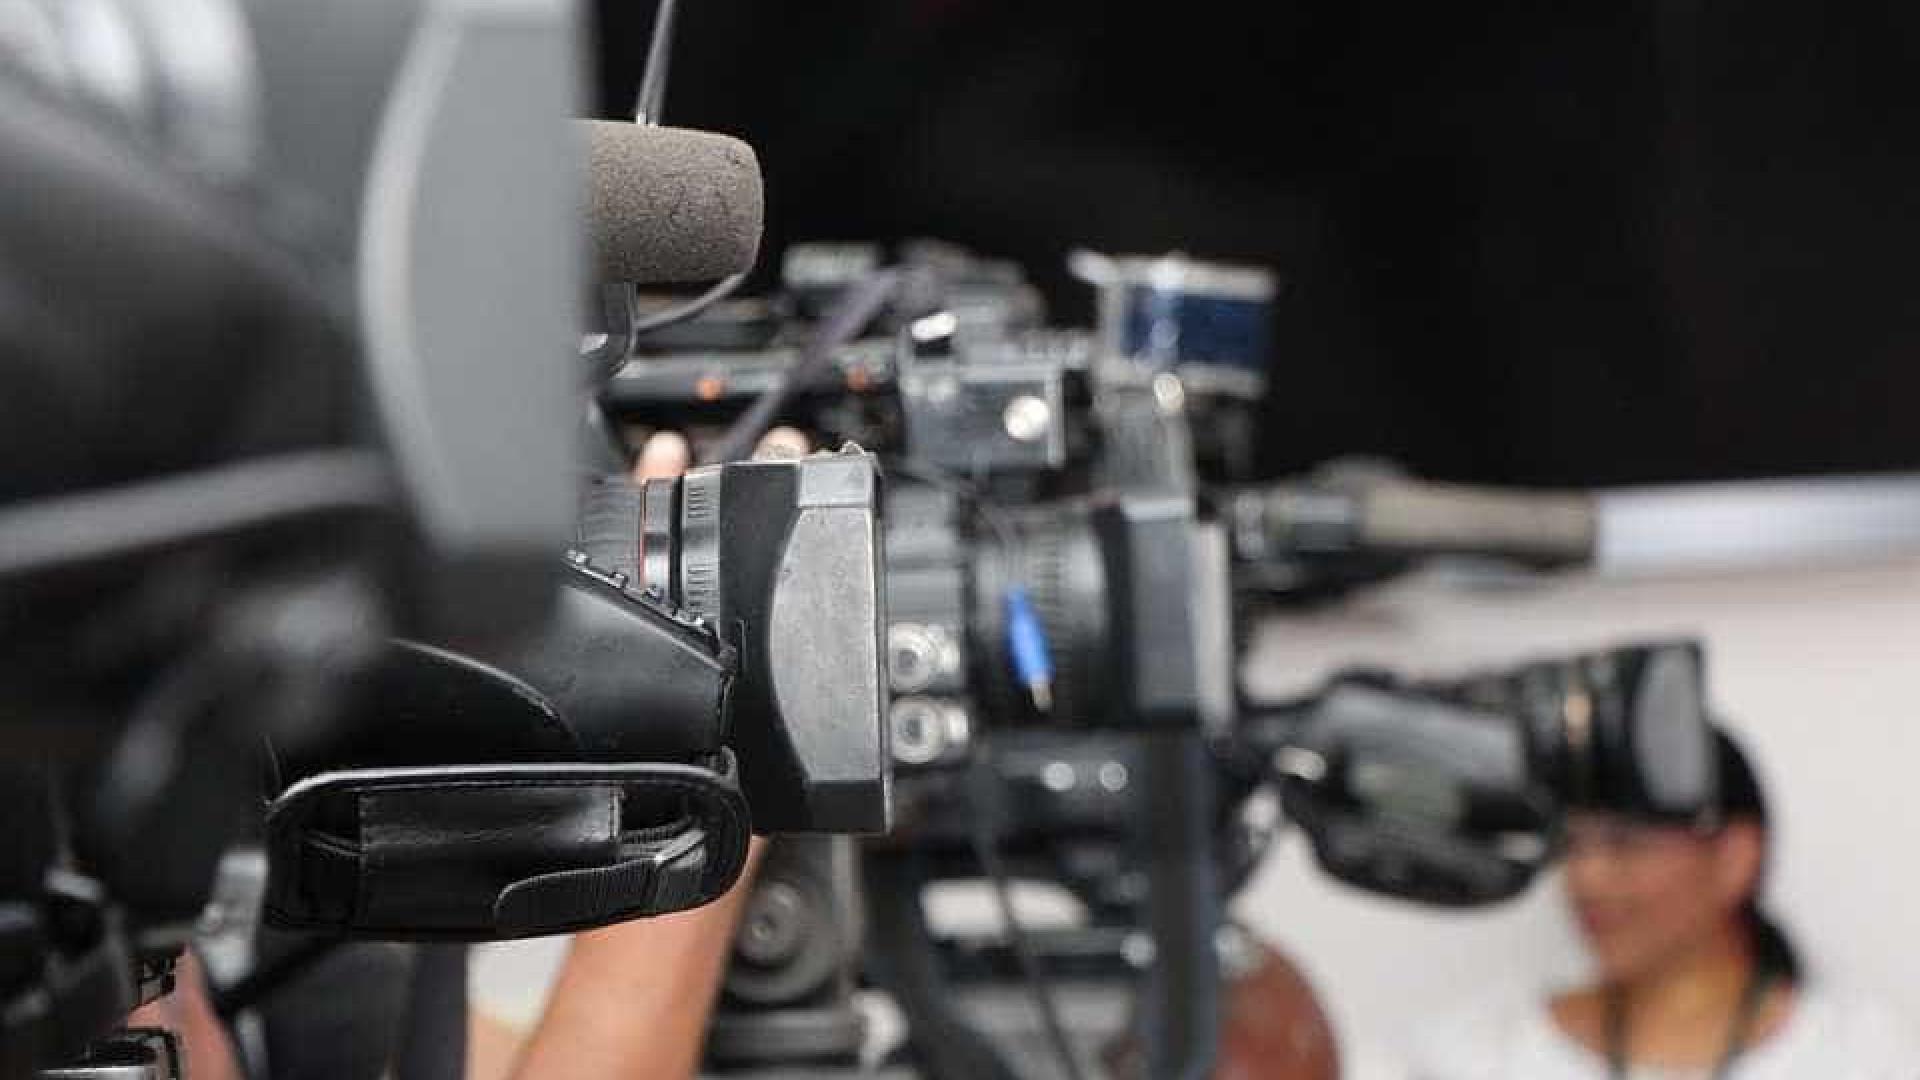 Mundo precisa proteger a liberdade de informação, diz entidade